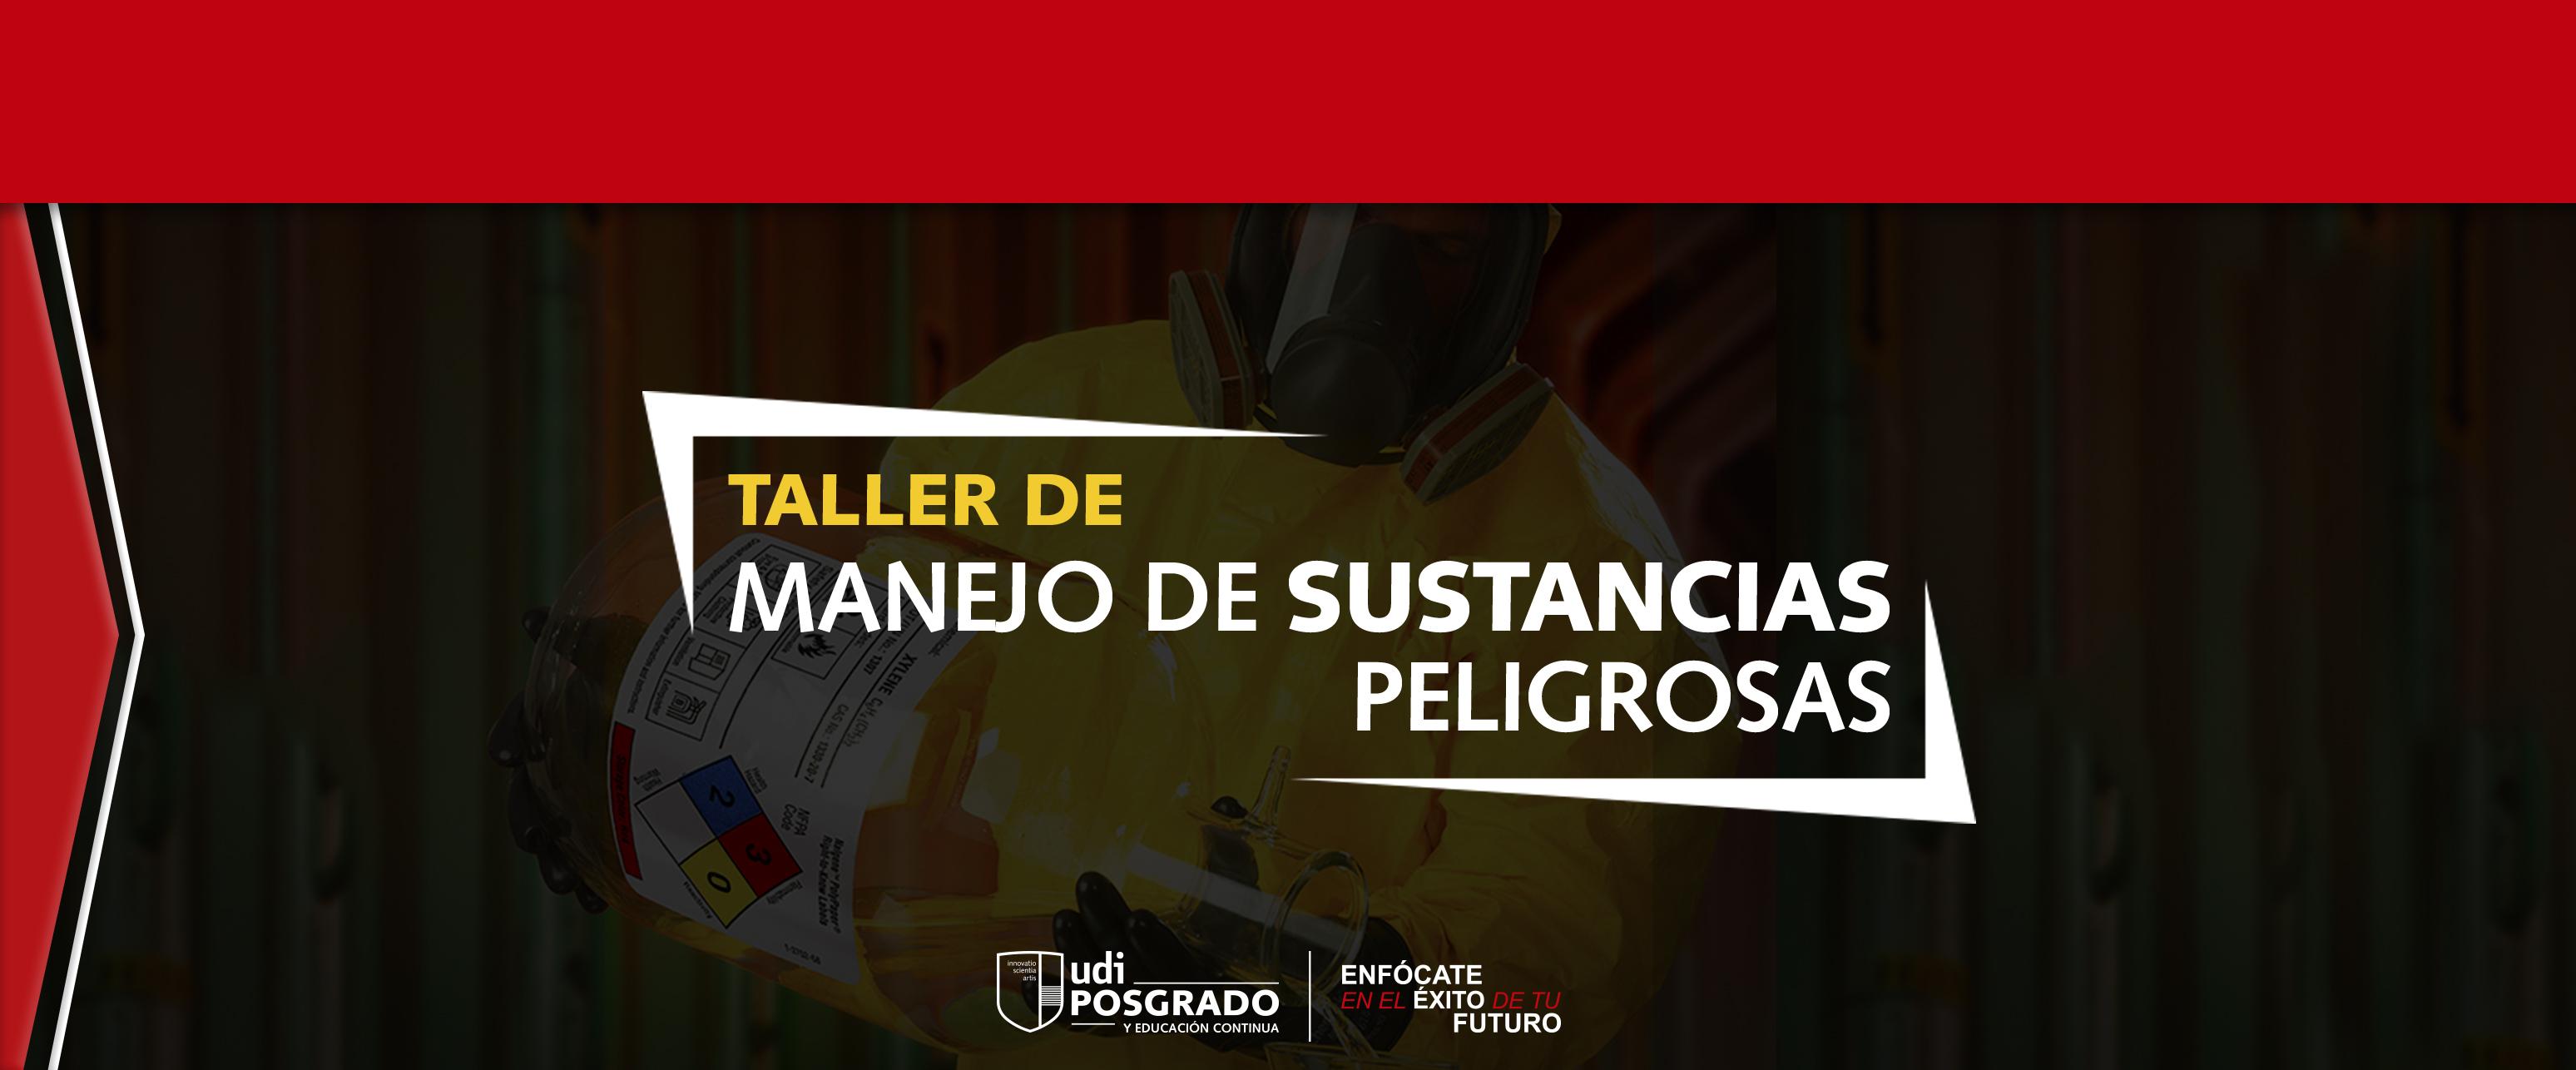 TALLER DE MANEJO DE SUSTANCIAS PELIGROSAS